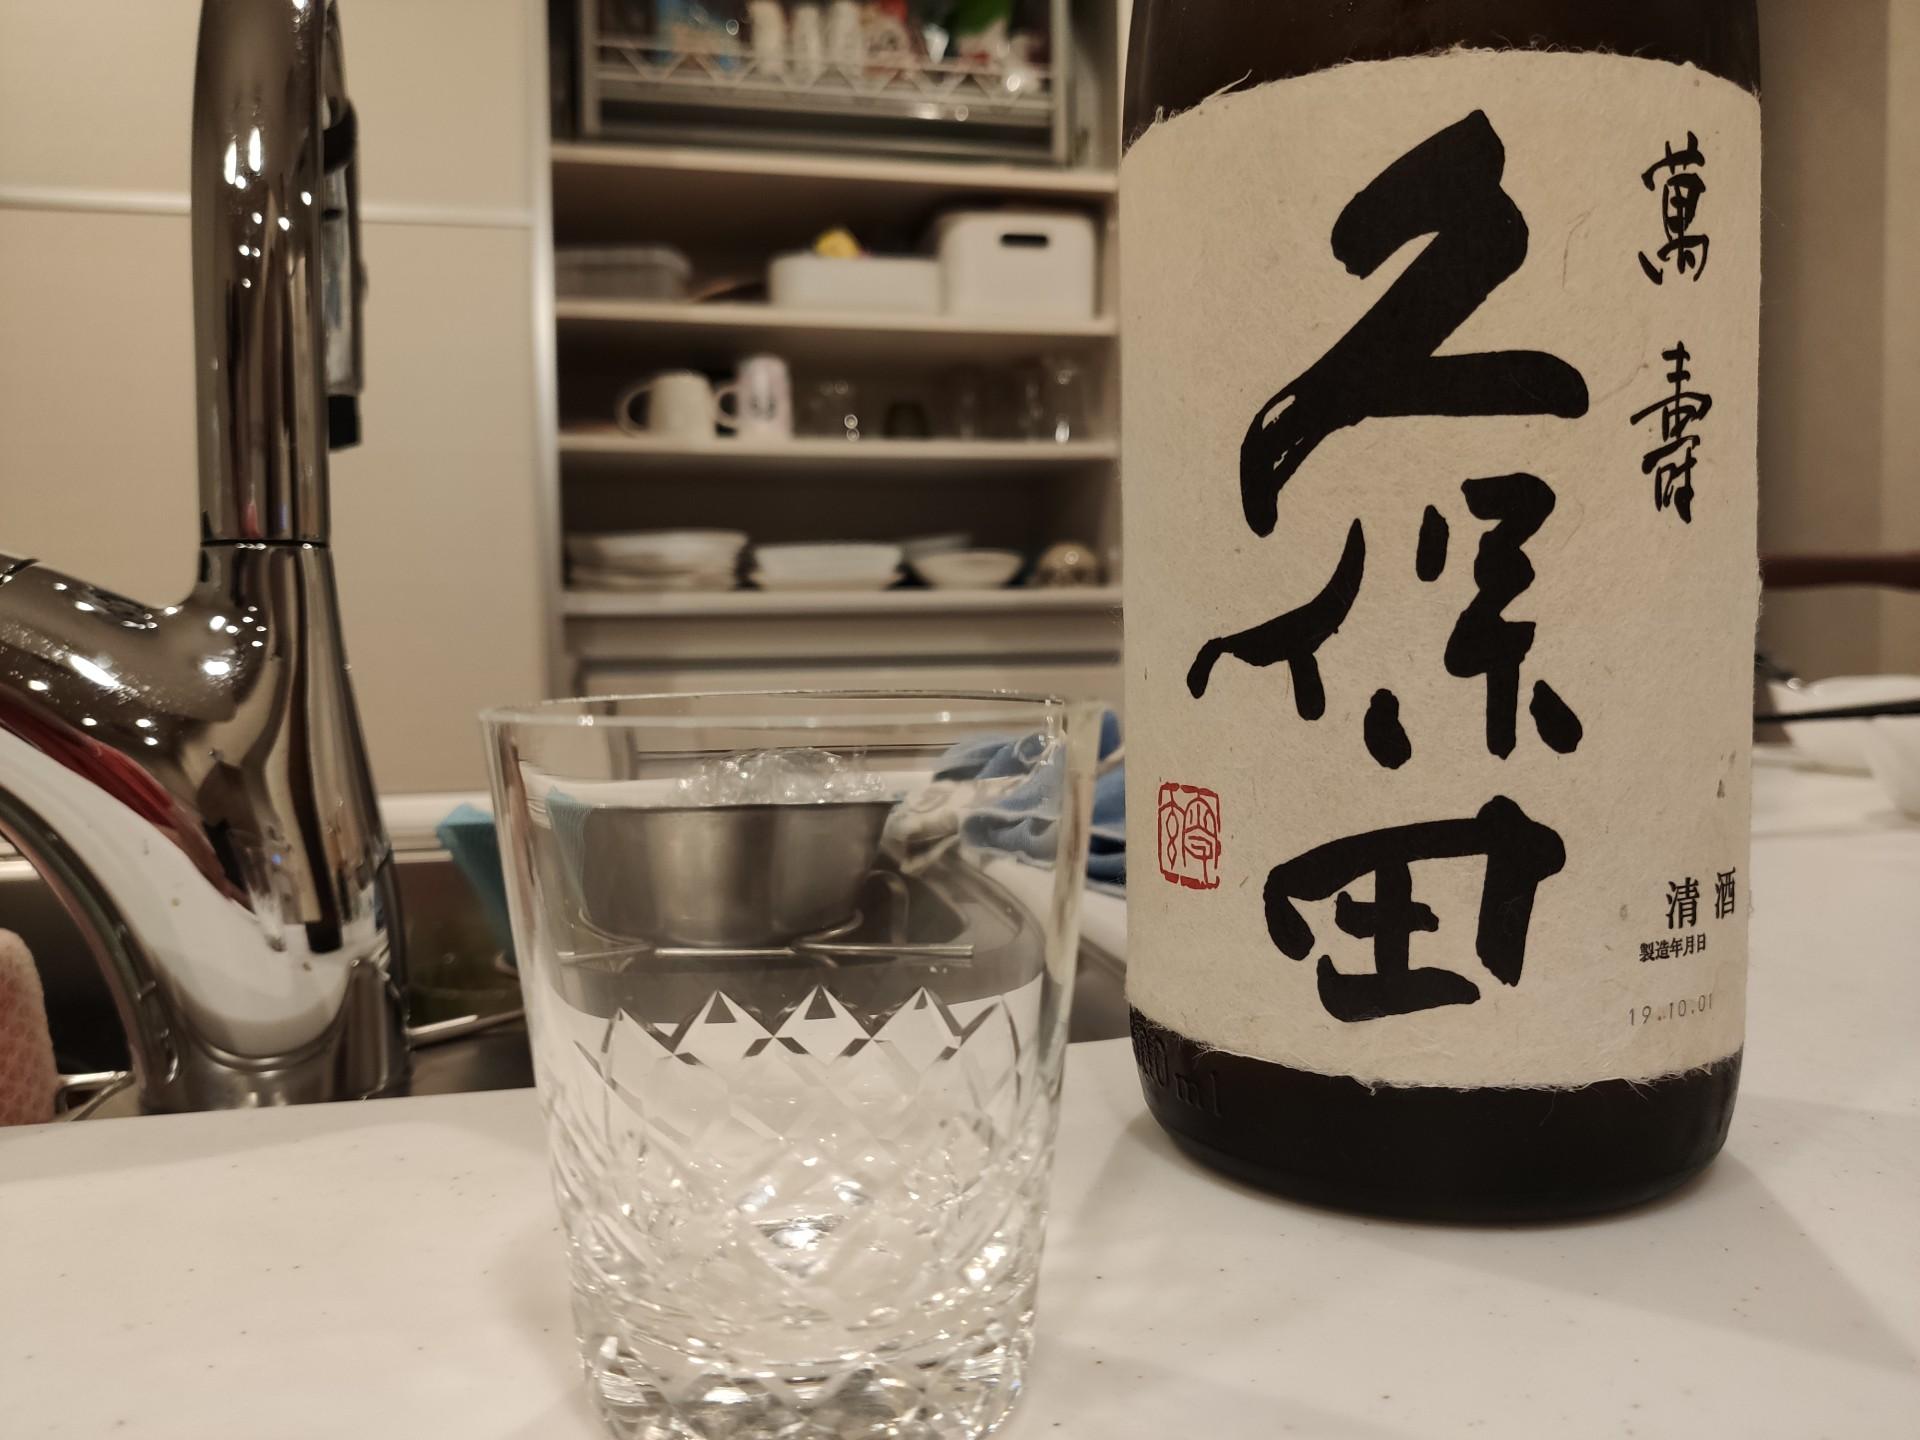 高級日本酒飲むぞおおおおおおおおおおおおお